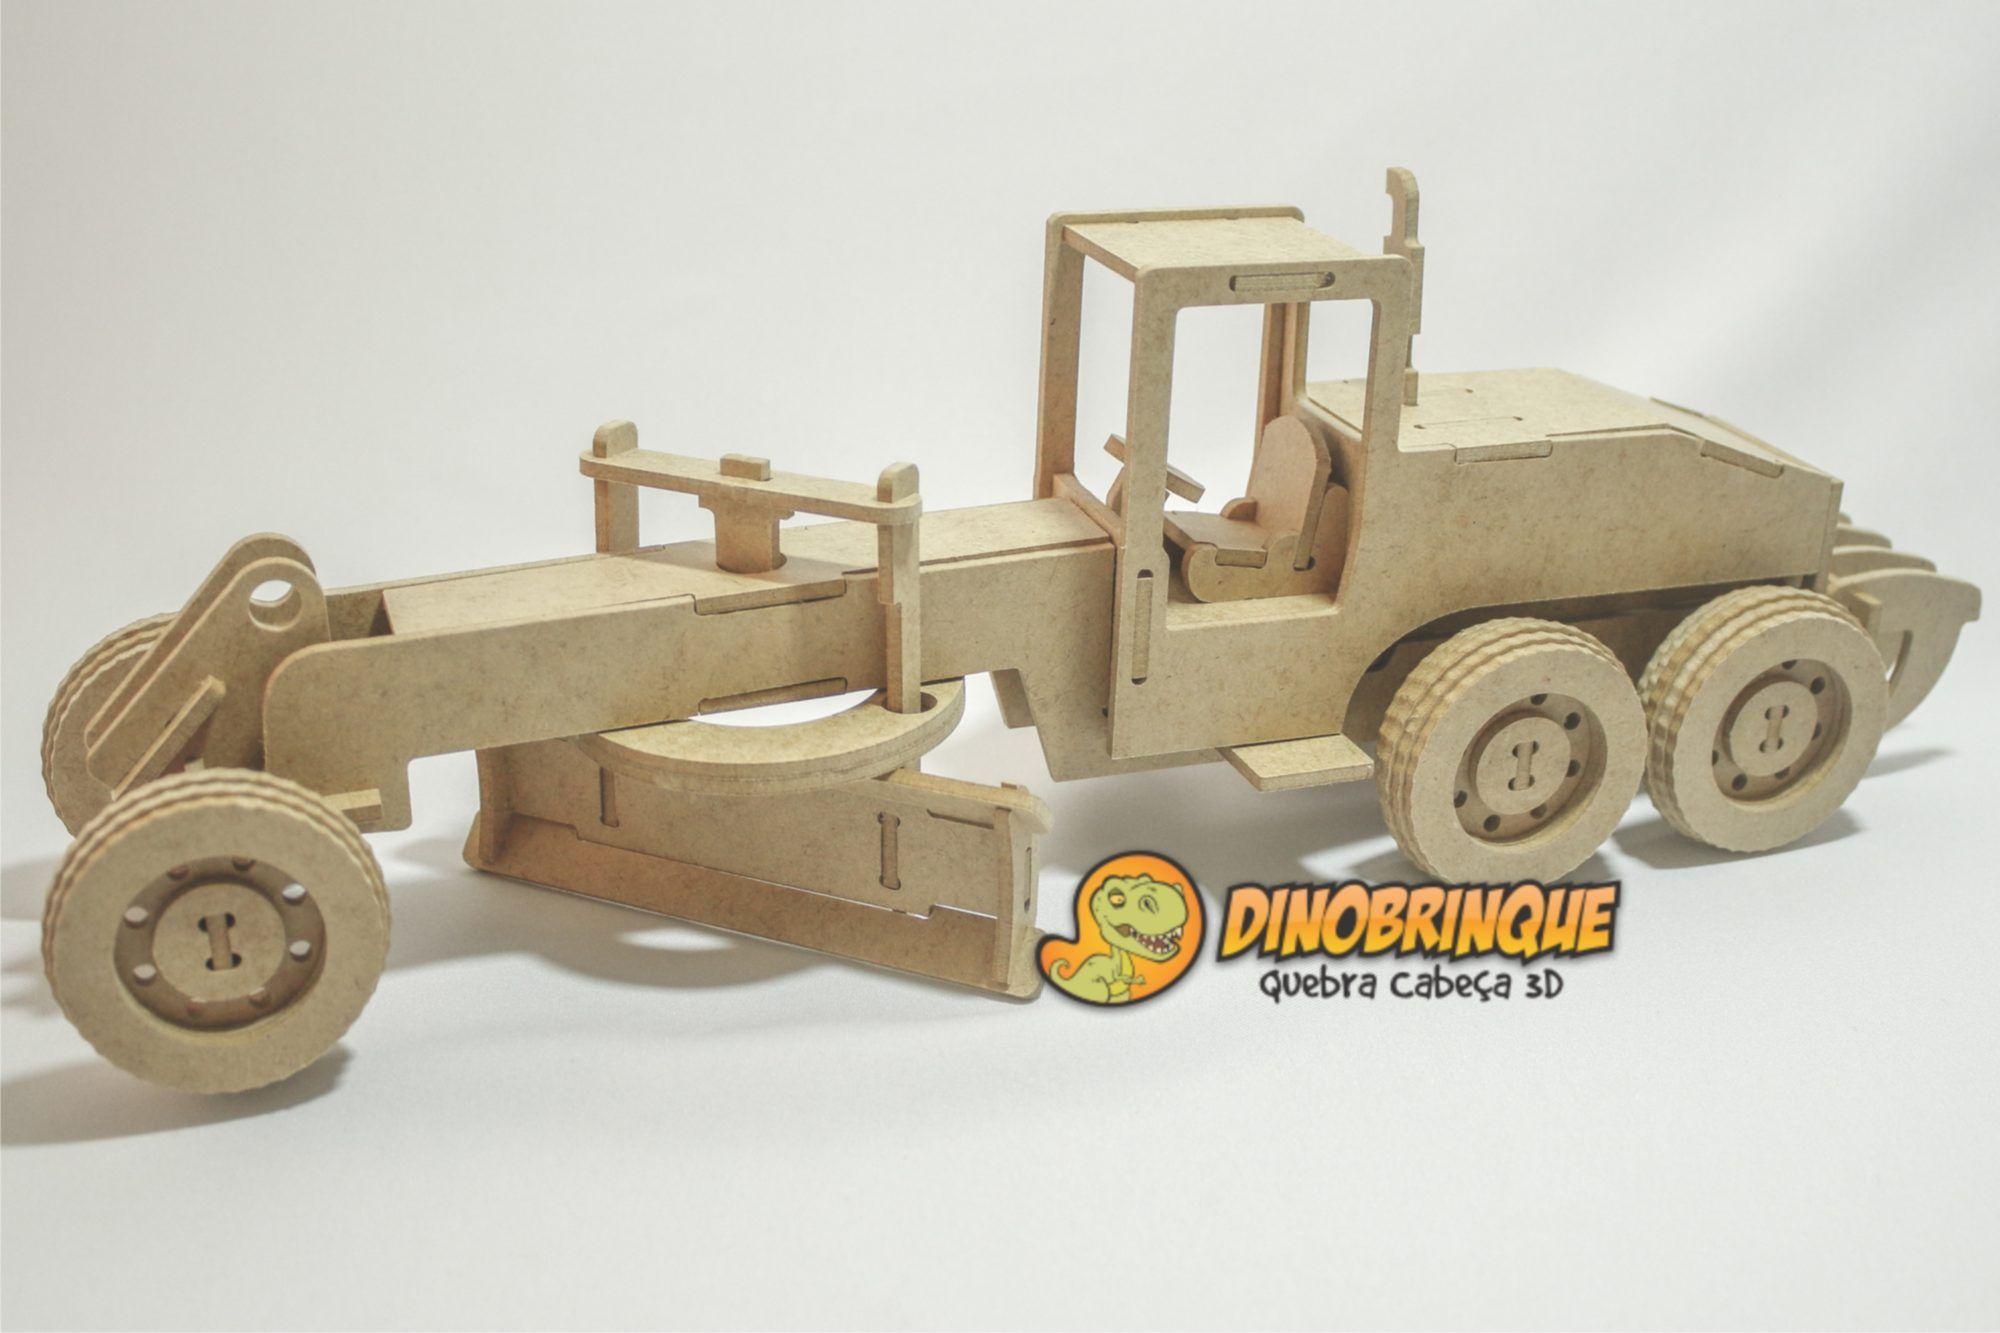 motoniveladora dinobrinque quebra cabeça 3d